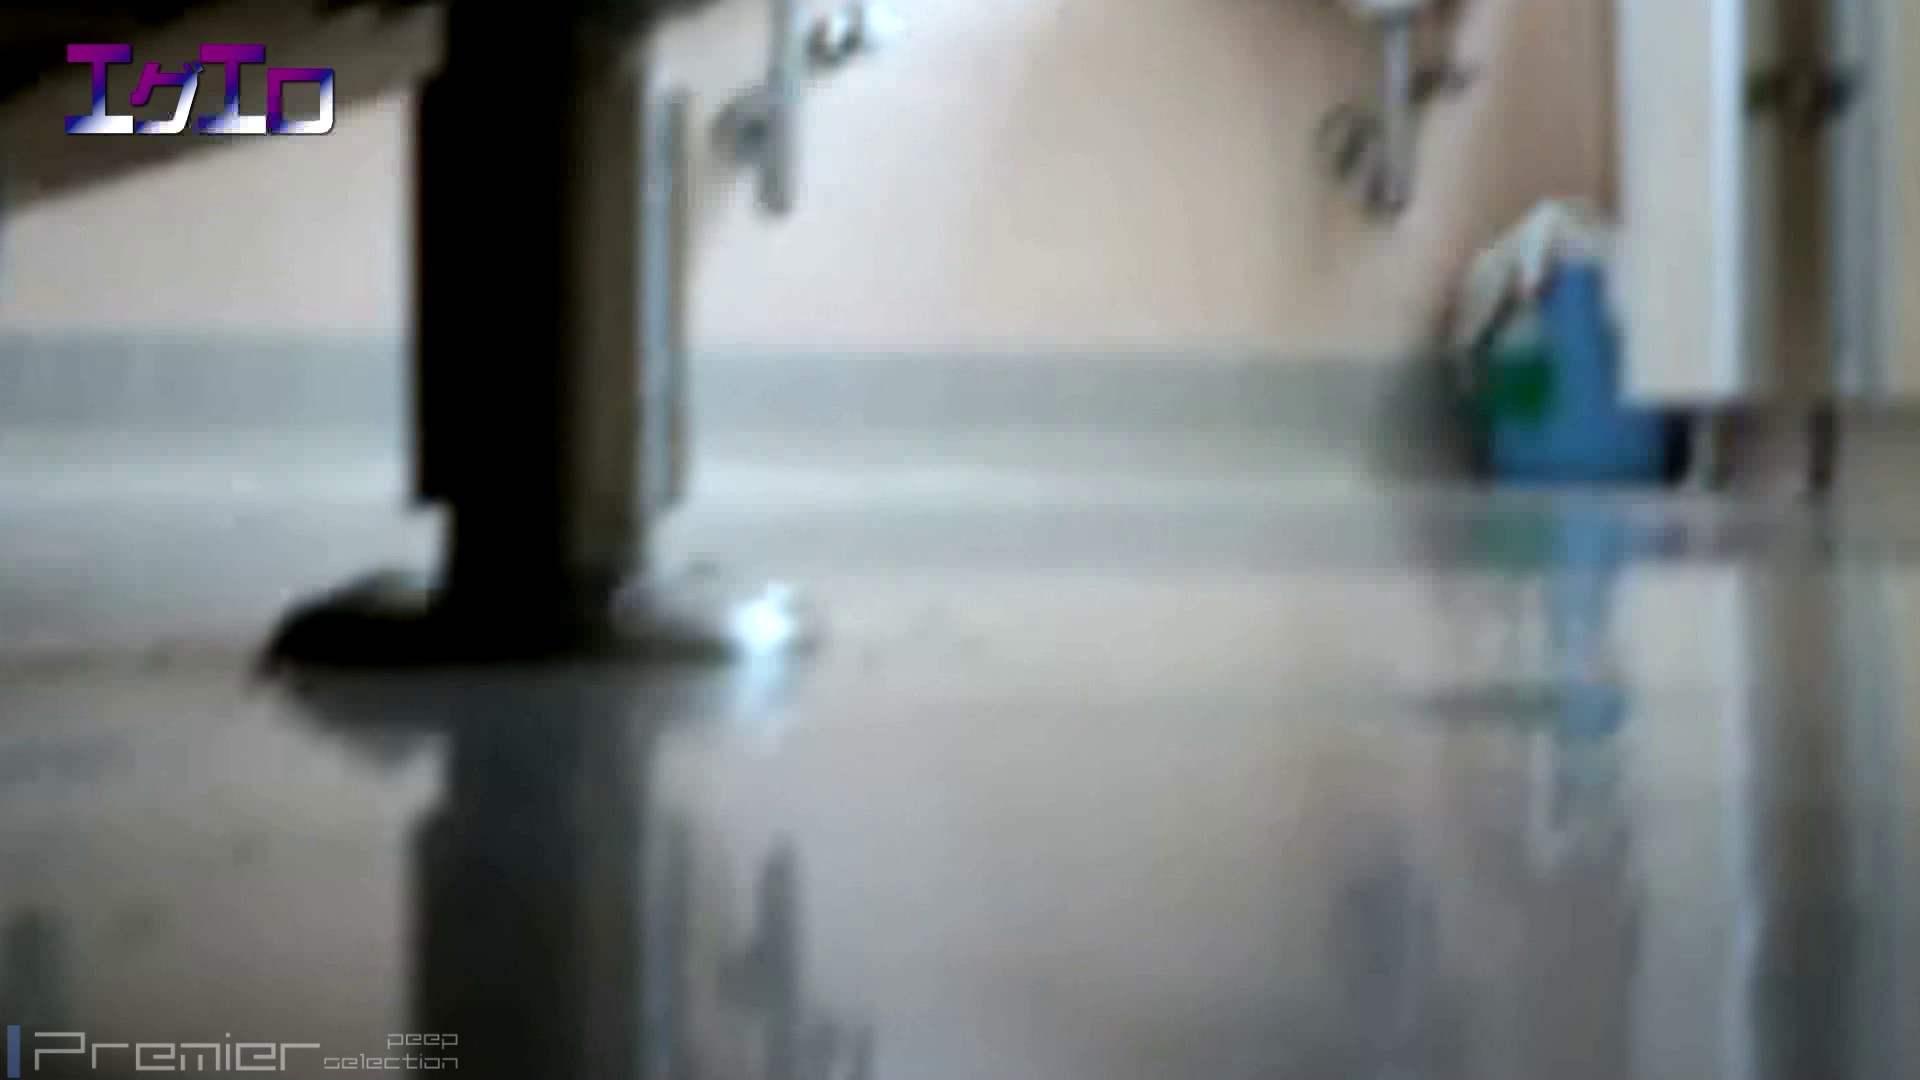 至近距離洗面所 Vol.07 ニーハイソックスに狙いを定めて 洗面所のぞき AV無料動画キャプチャ 111枚 68